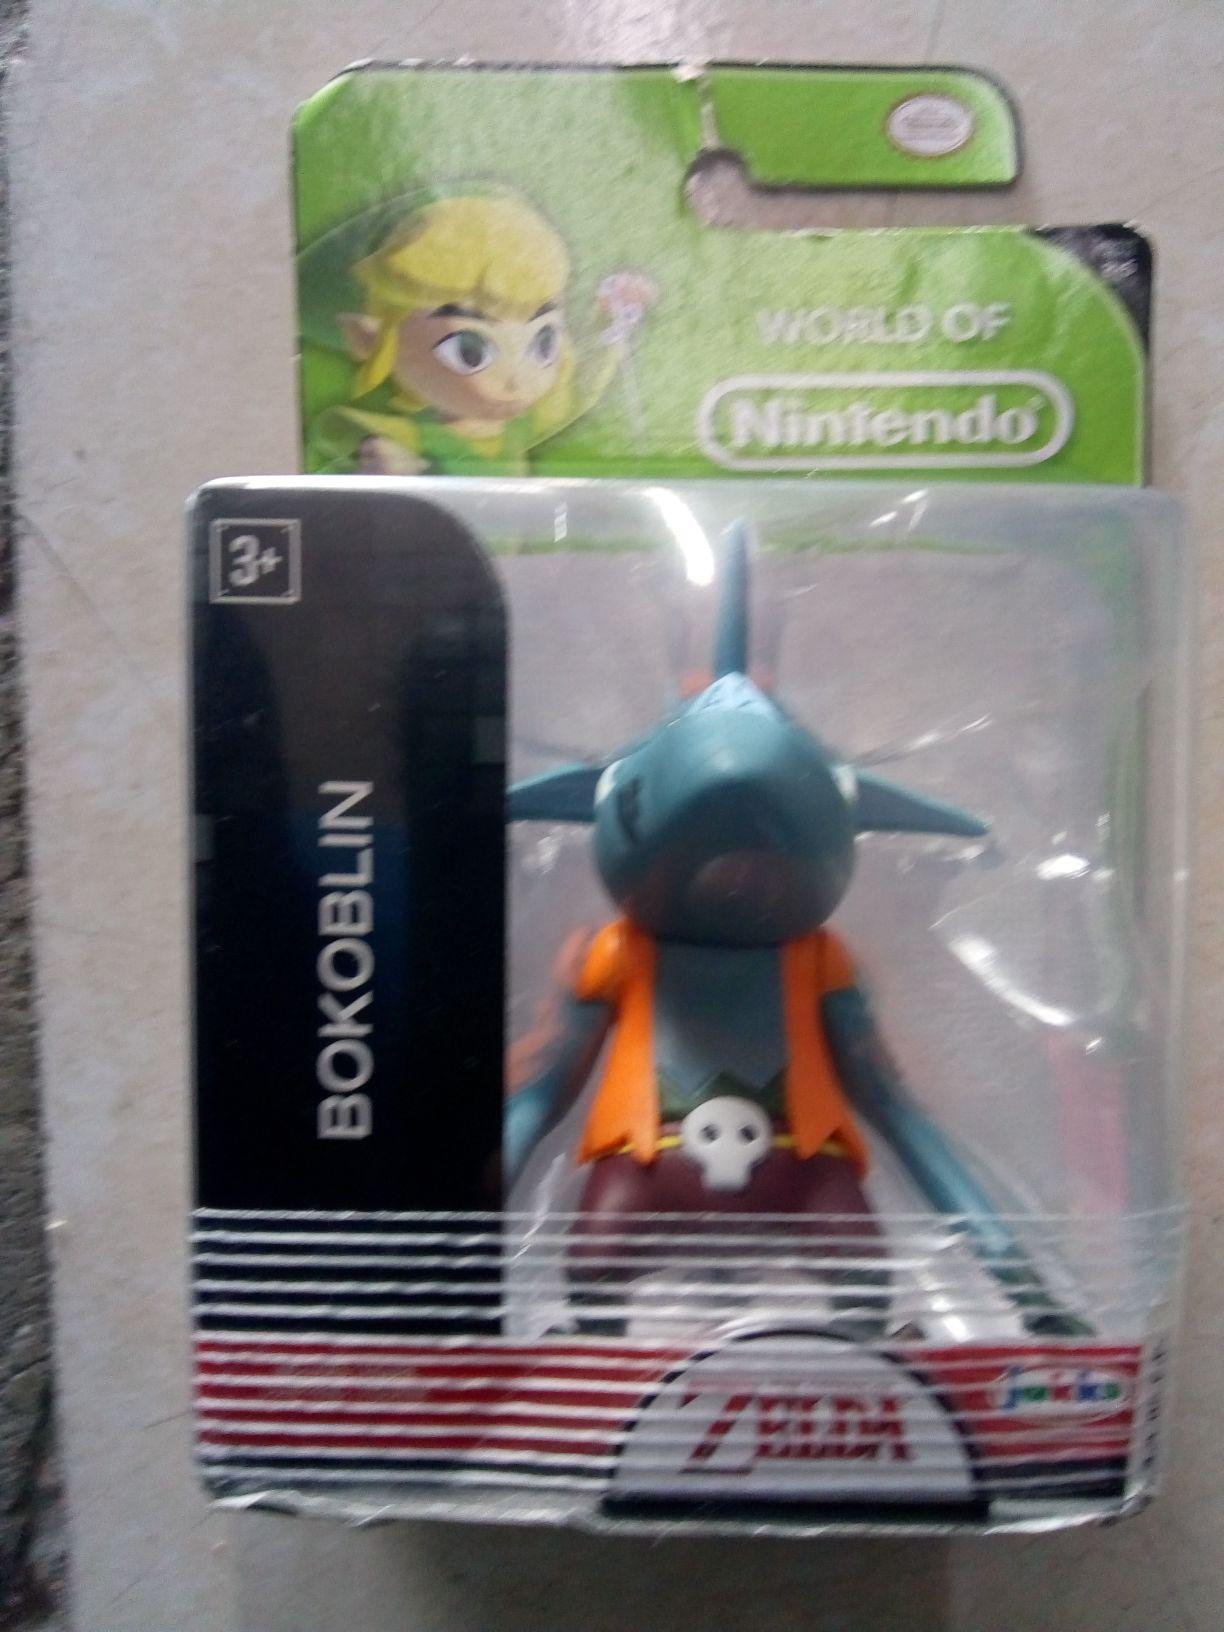 Walmart Macroplaza SLP: Bokoblin, The Legend of Zelda.